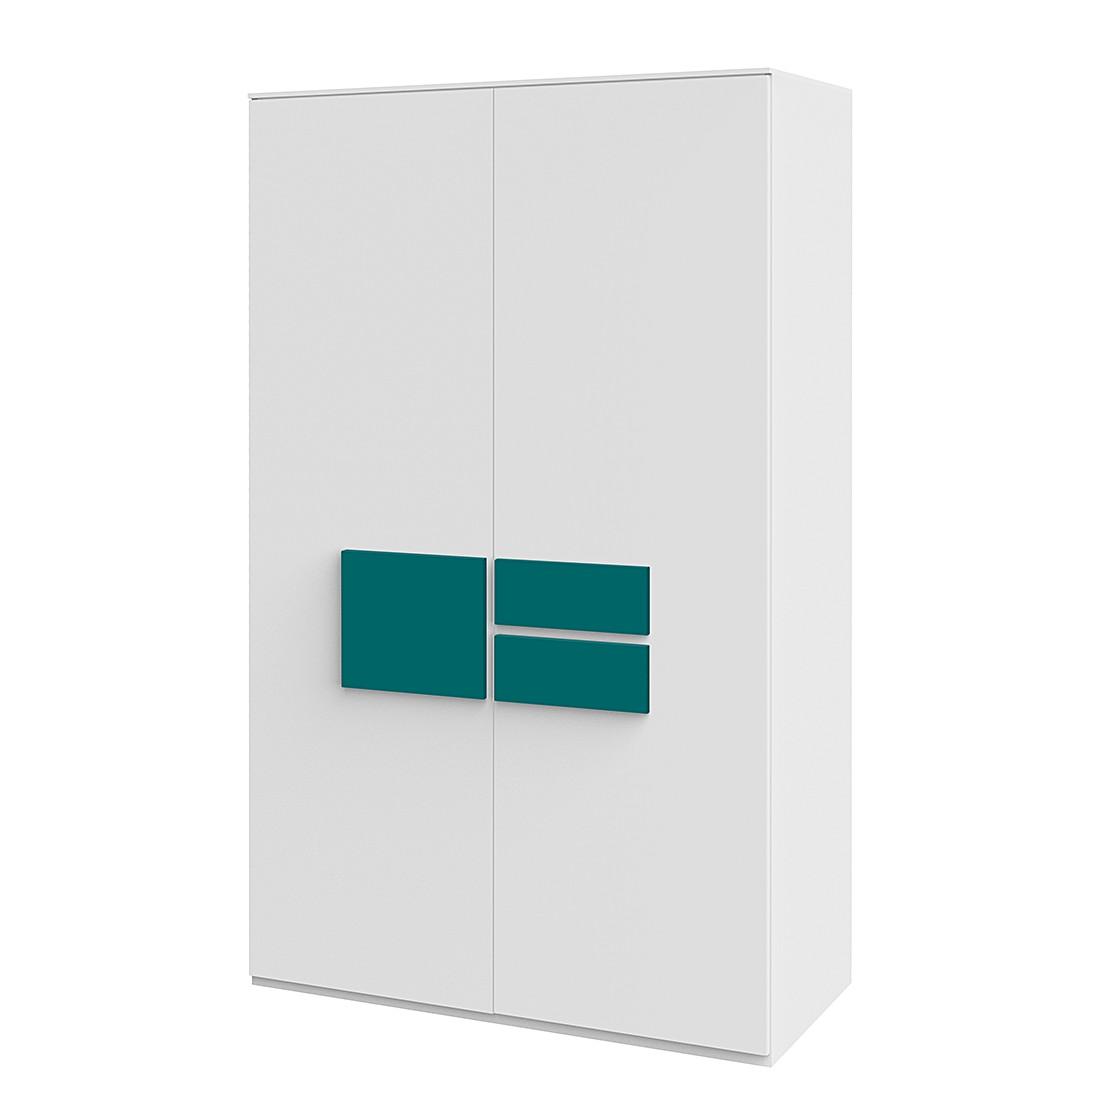 Kleiderschrank HiLight – Weiß / Türkis – 126 cm (2-türig), röhr günstig online kaufen